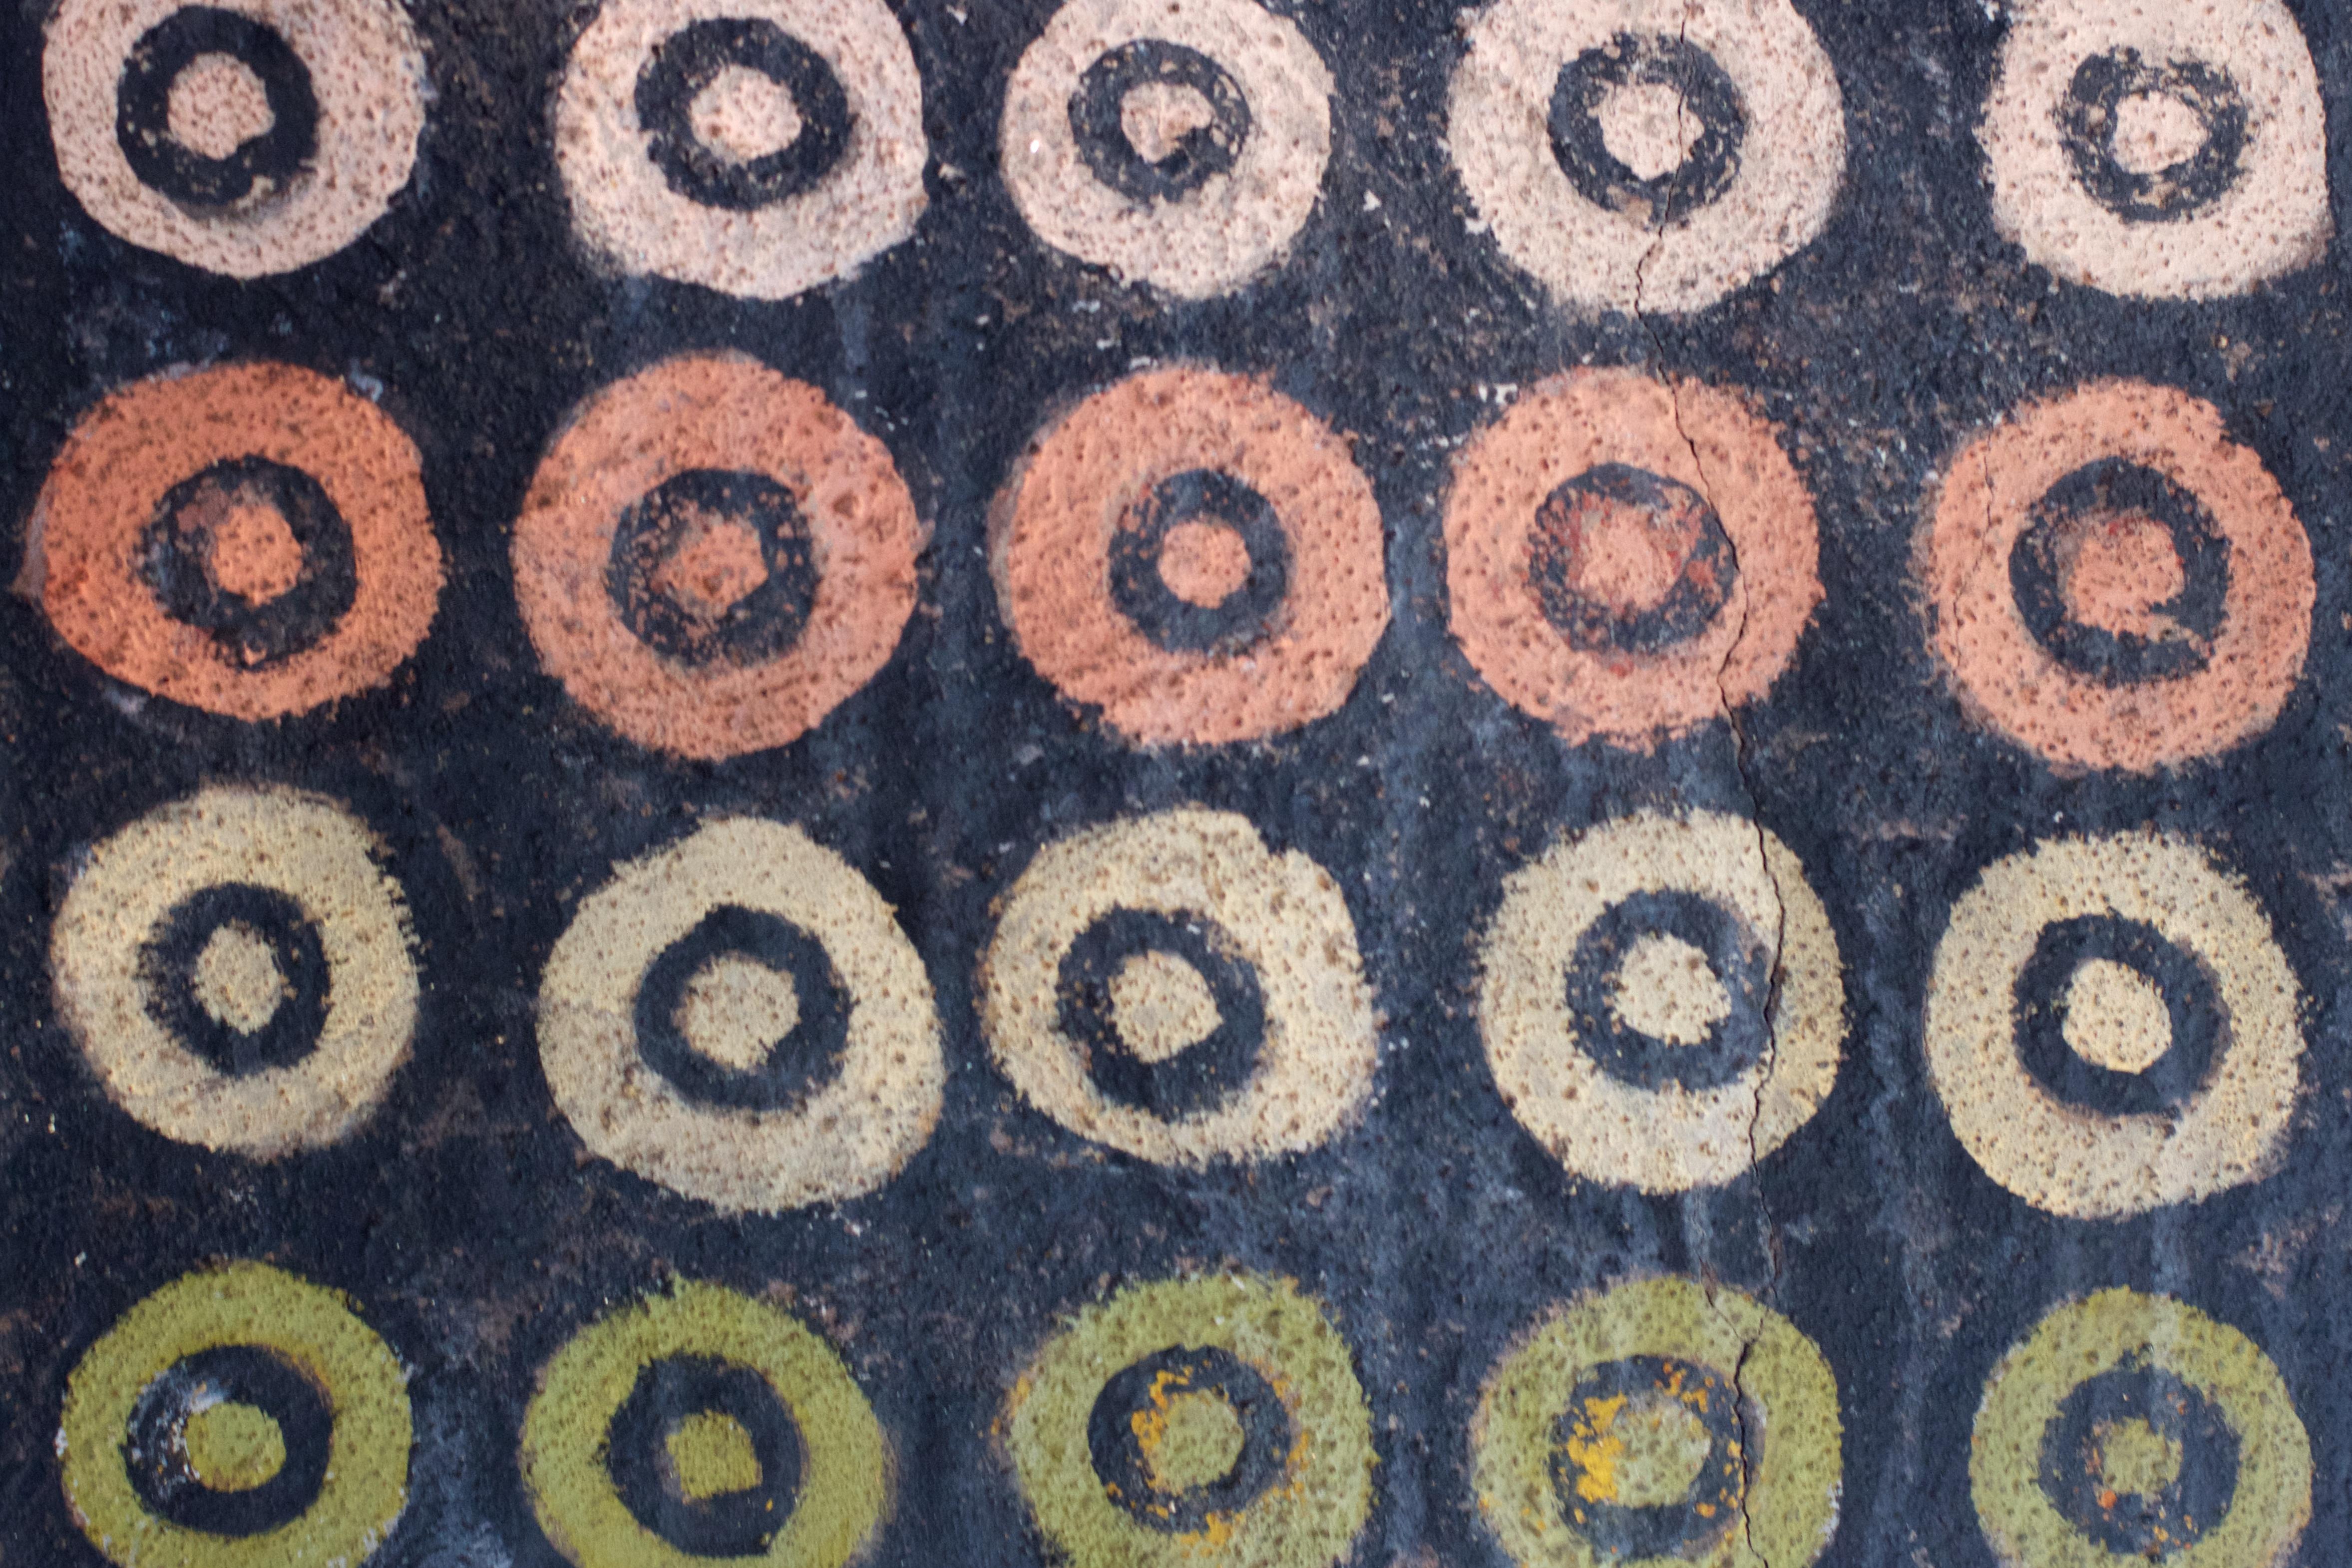 Kostenlose foto : Textur, Muster, Kreis, Textil-, Kunst, Entwurf ...